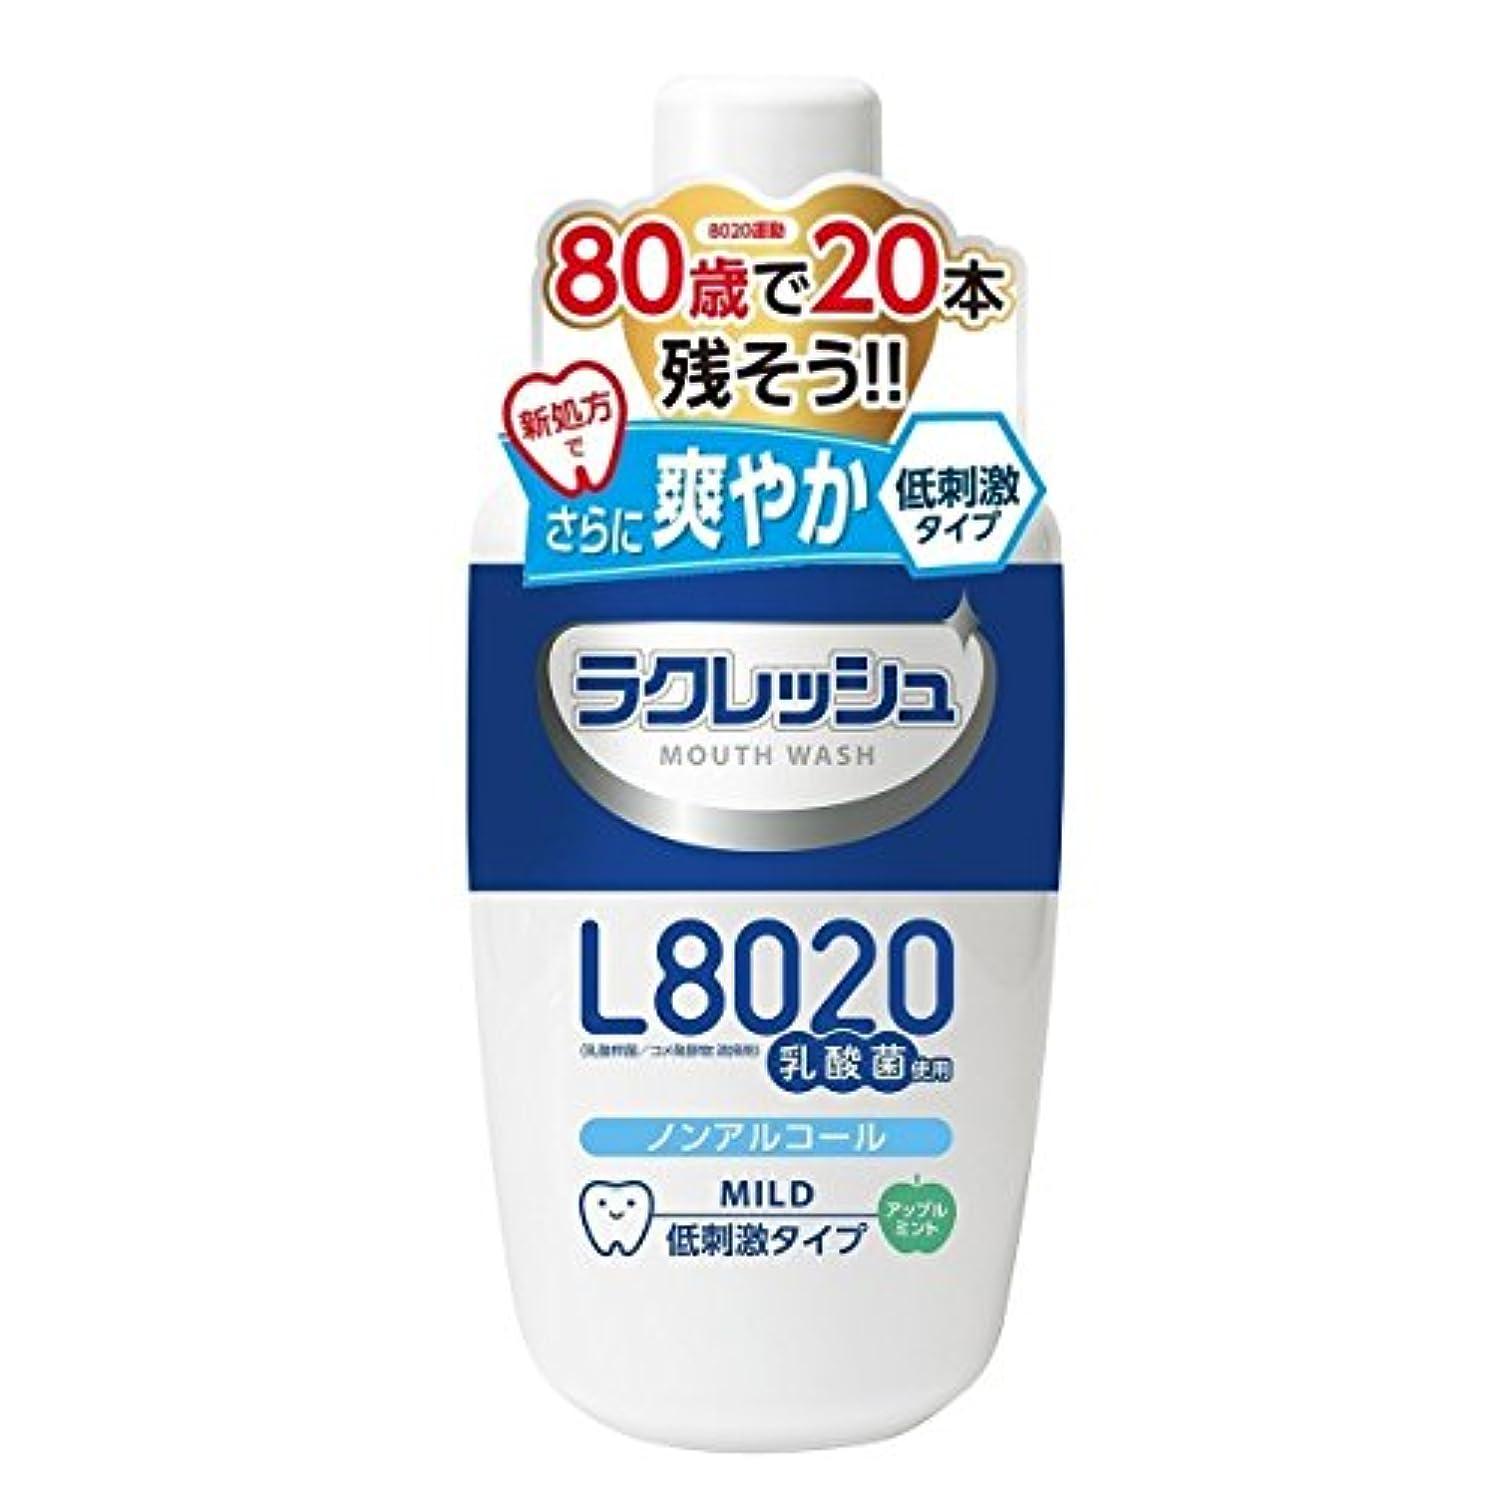 チェリー重くするエキサイティング○ ラクレッシュ L8020菌使用 マウスウォッシュ ノンアルコールタイプ 300mL×48個セット 2ケース分